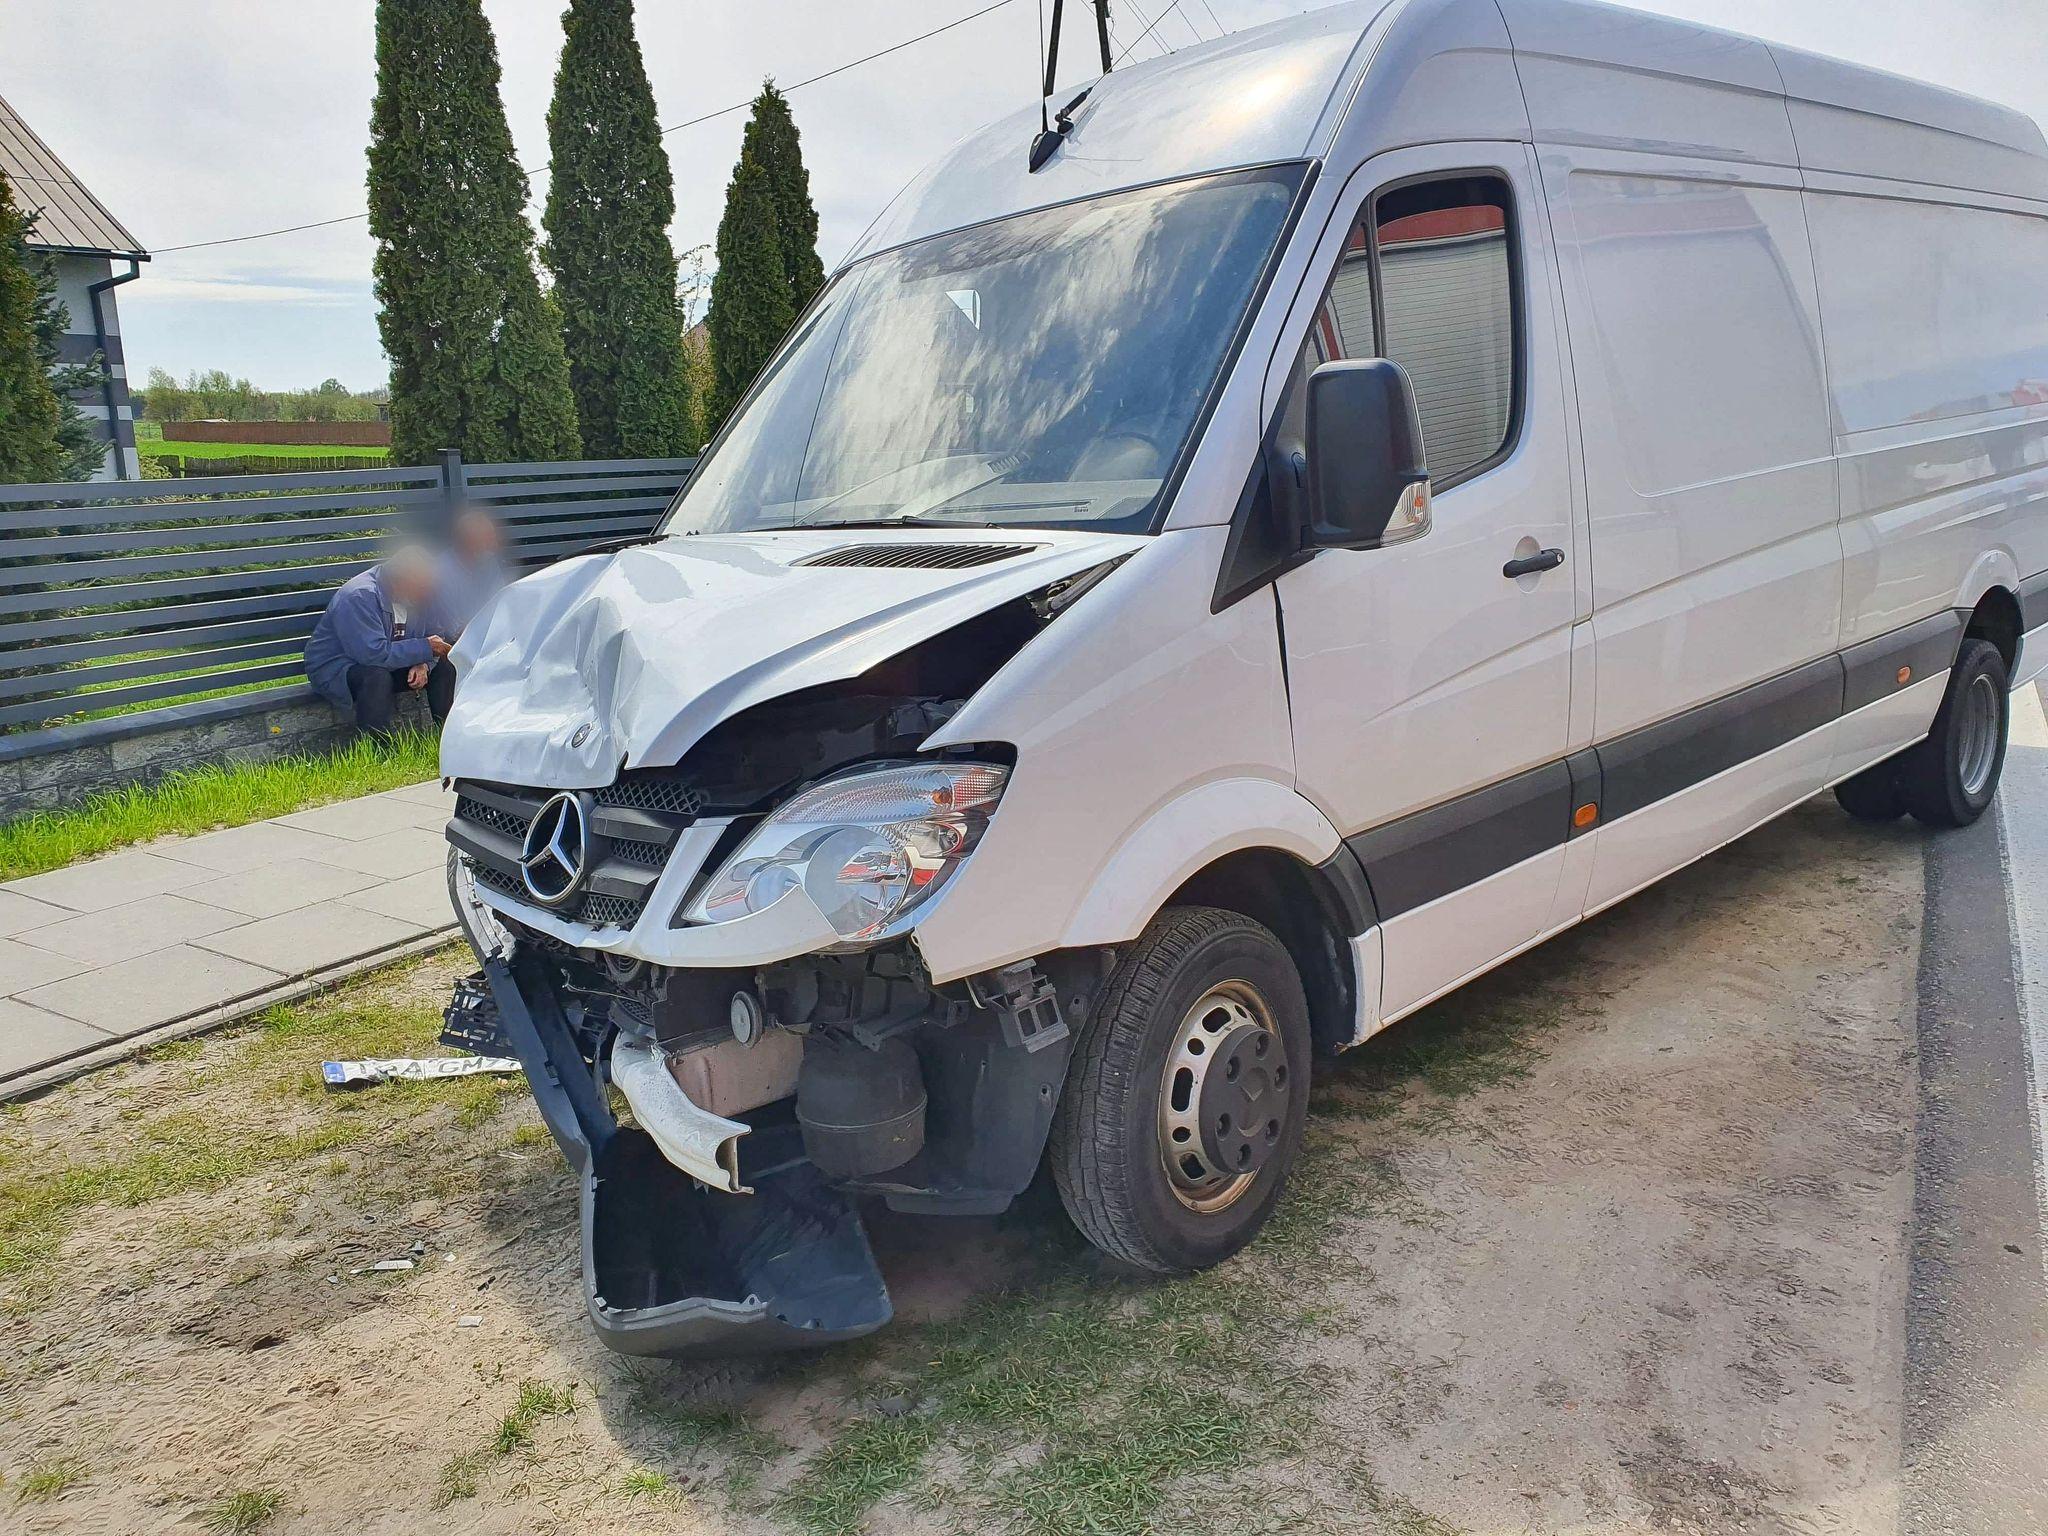 Utrudnienia na trasie Tarnobrzeg-Mielec. Zderzenie dwóch samochodów! [ZDJĘCIA] - Zdjęcie główne